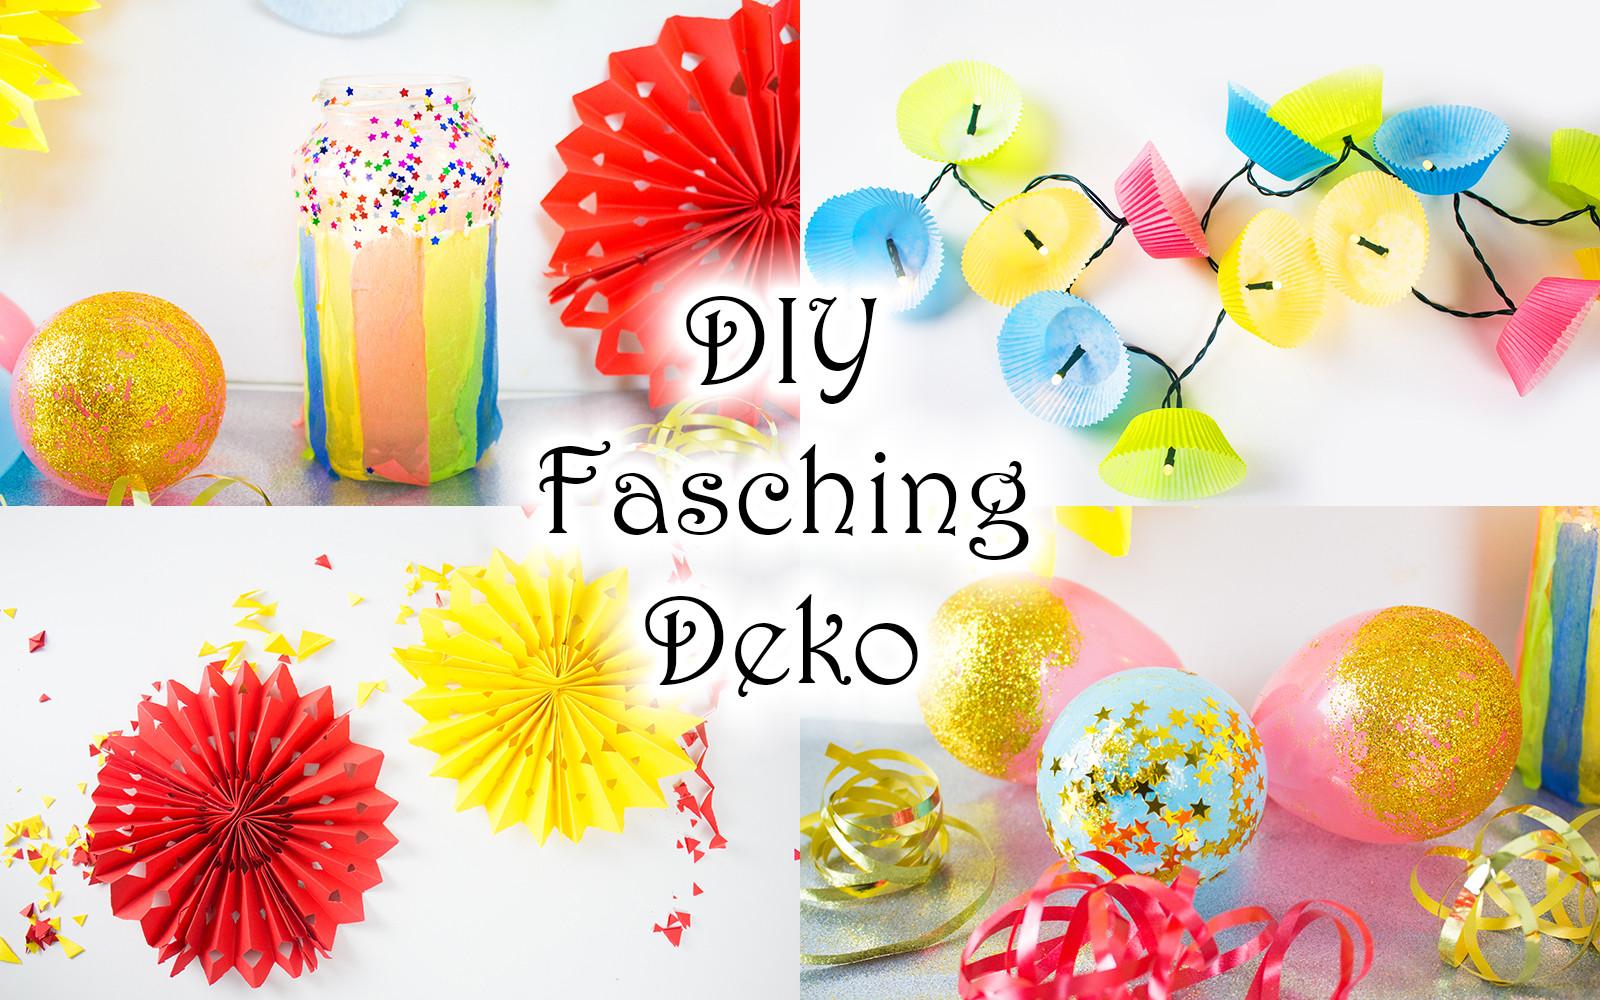 Diy Mit Kindern  DIY Fasching Deko mit Kindern basteln 4 schnelle Ideen